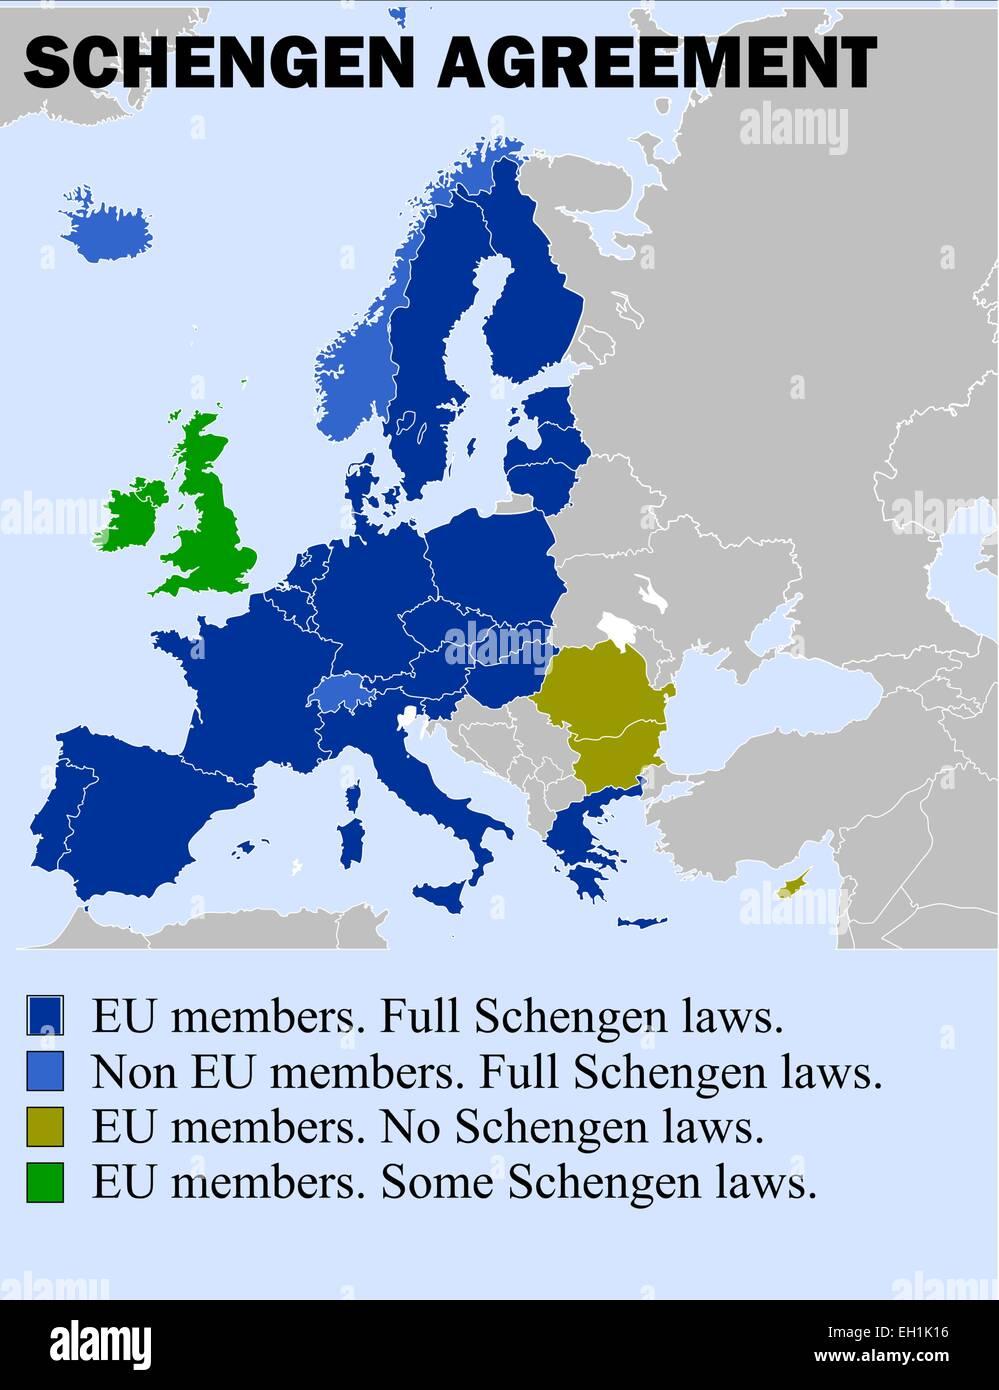 Schengen Agreement Stock Vector Images Alamy